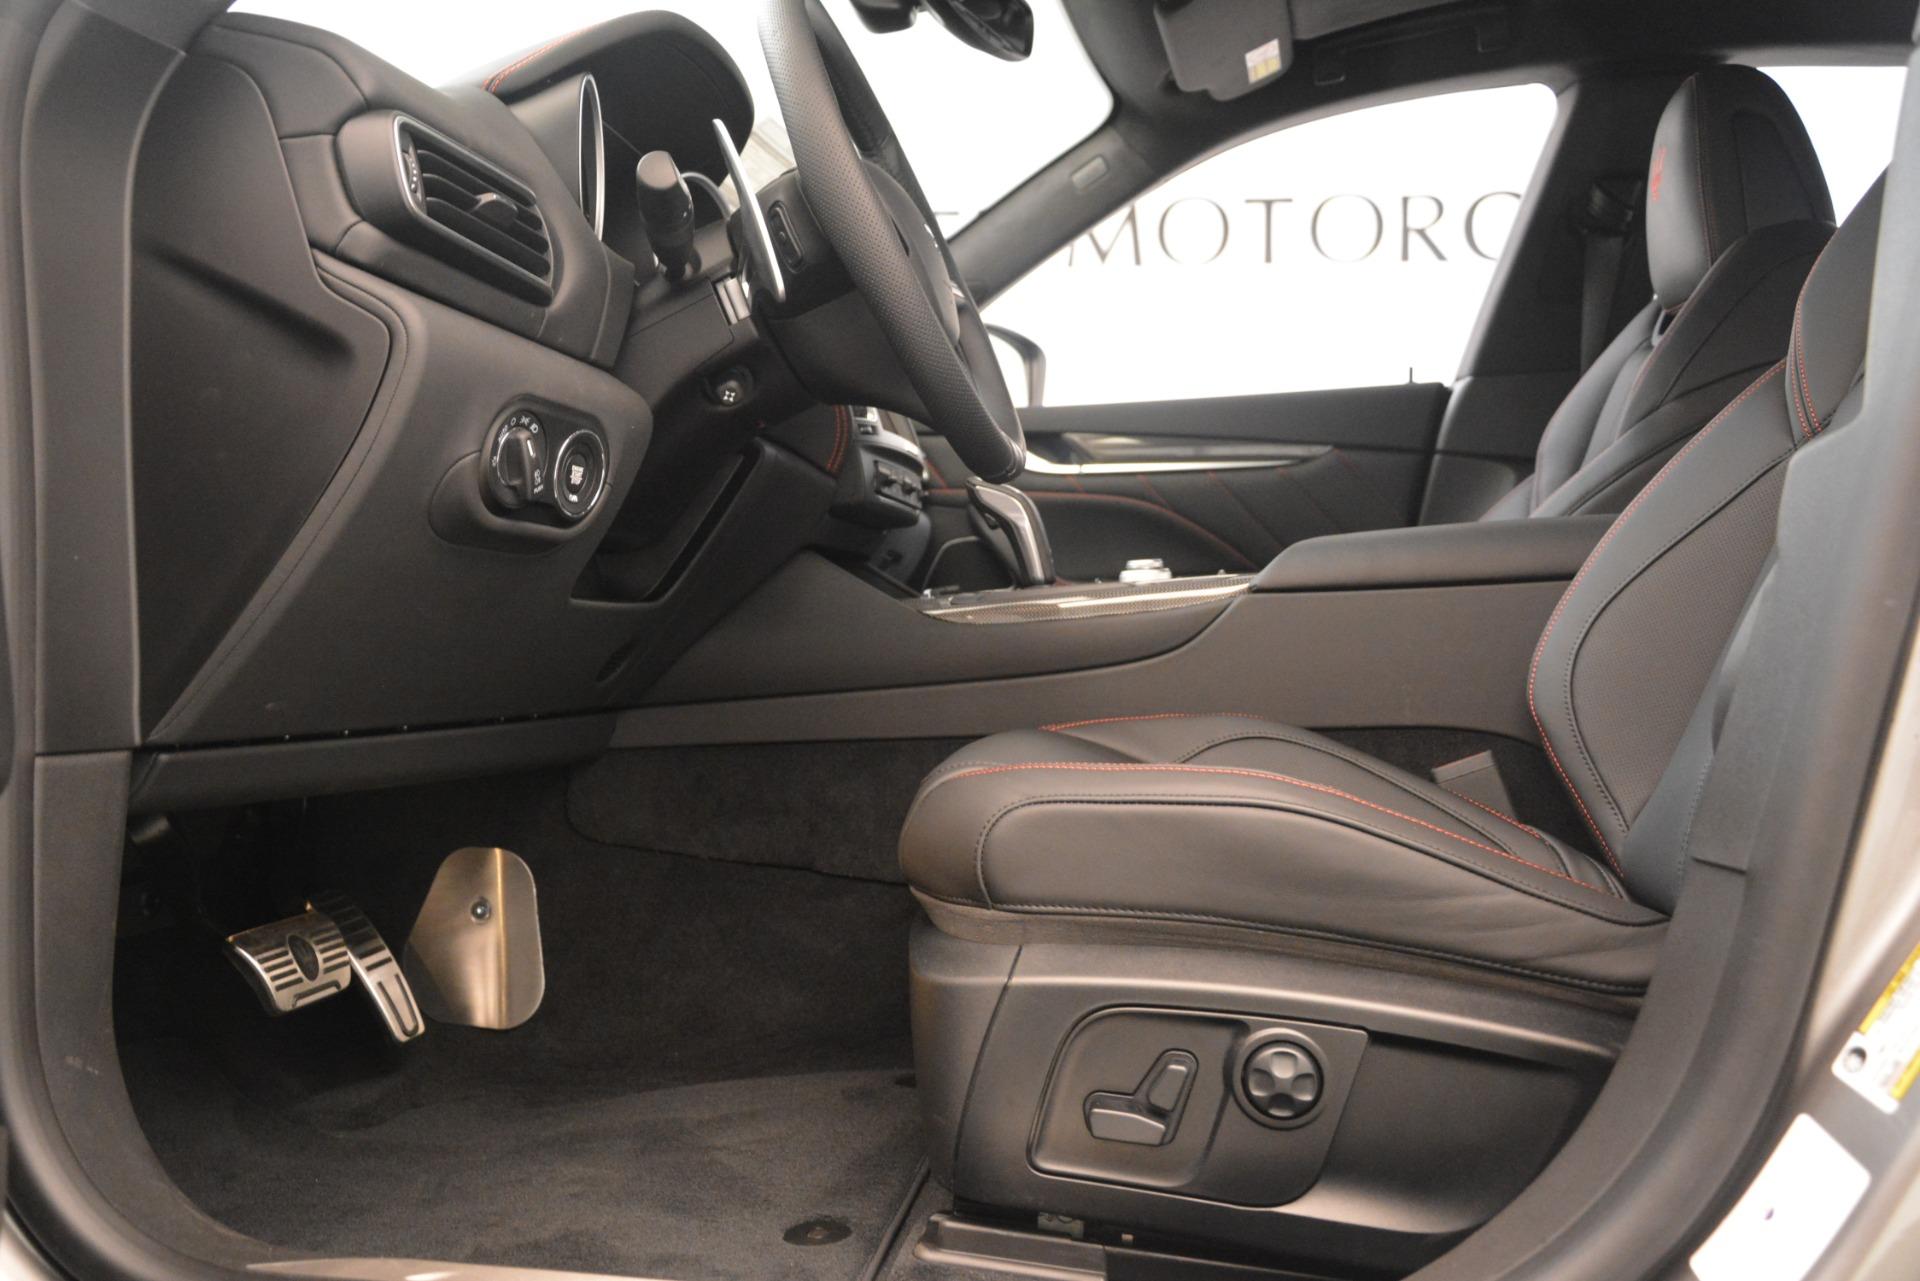 New 2019 Maserati Levante SQ4 GranSport Nerissimo For Sale In Greenwich, CT. Alfa Romeo of Greenwich, M2298 3144_p14